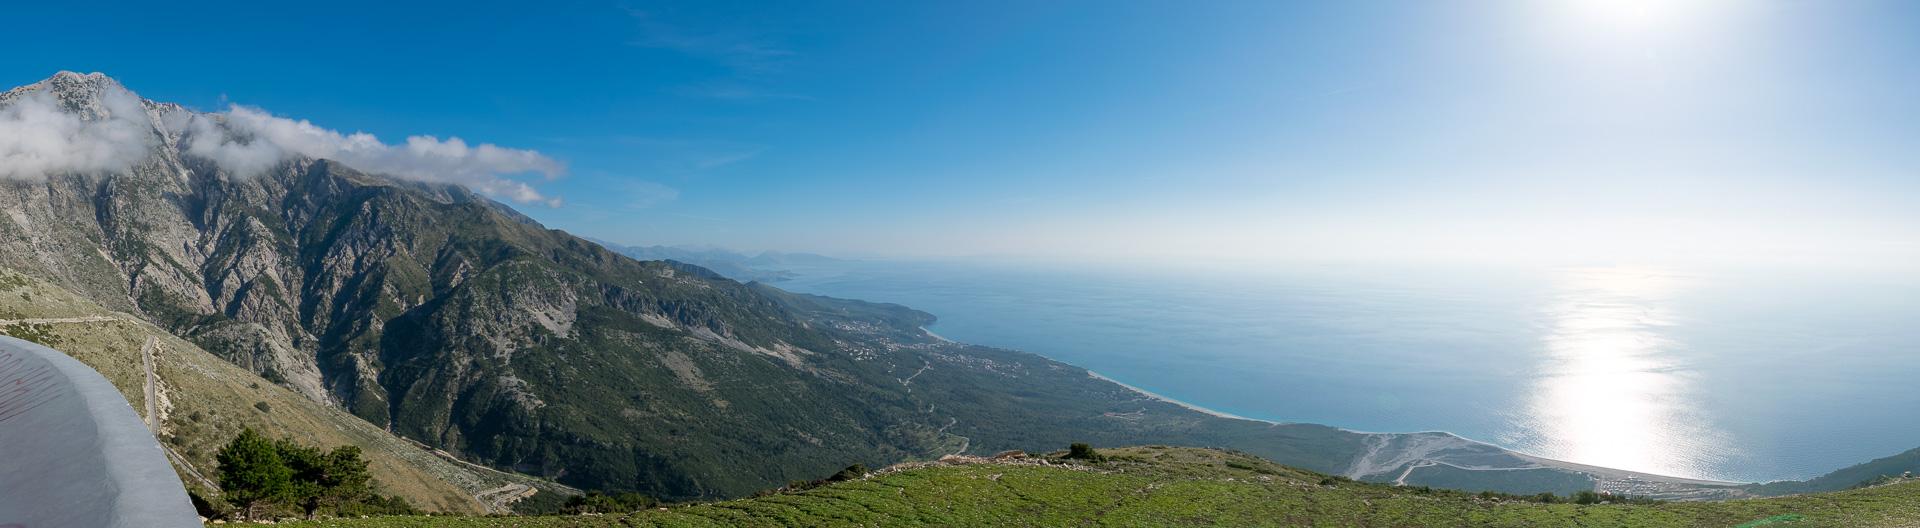 チカ山とイオリア海を望むビューイングスポットより